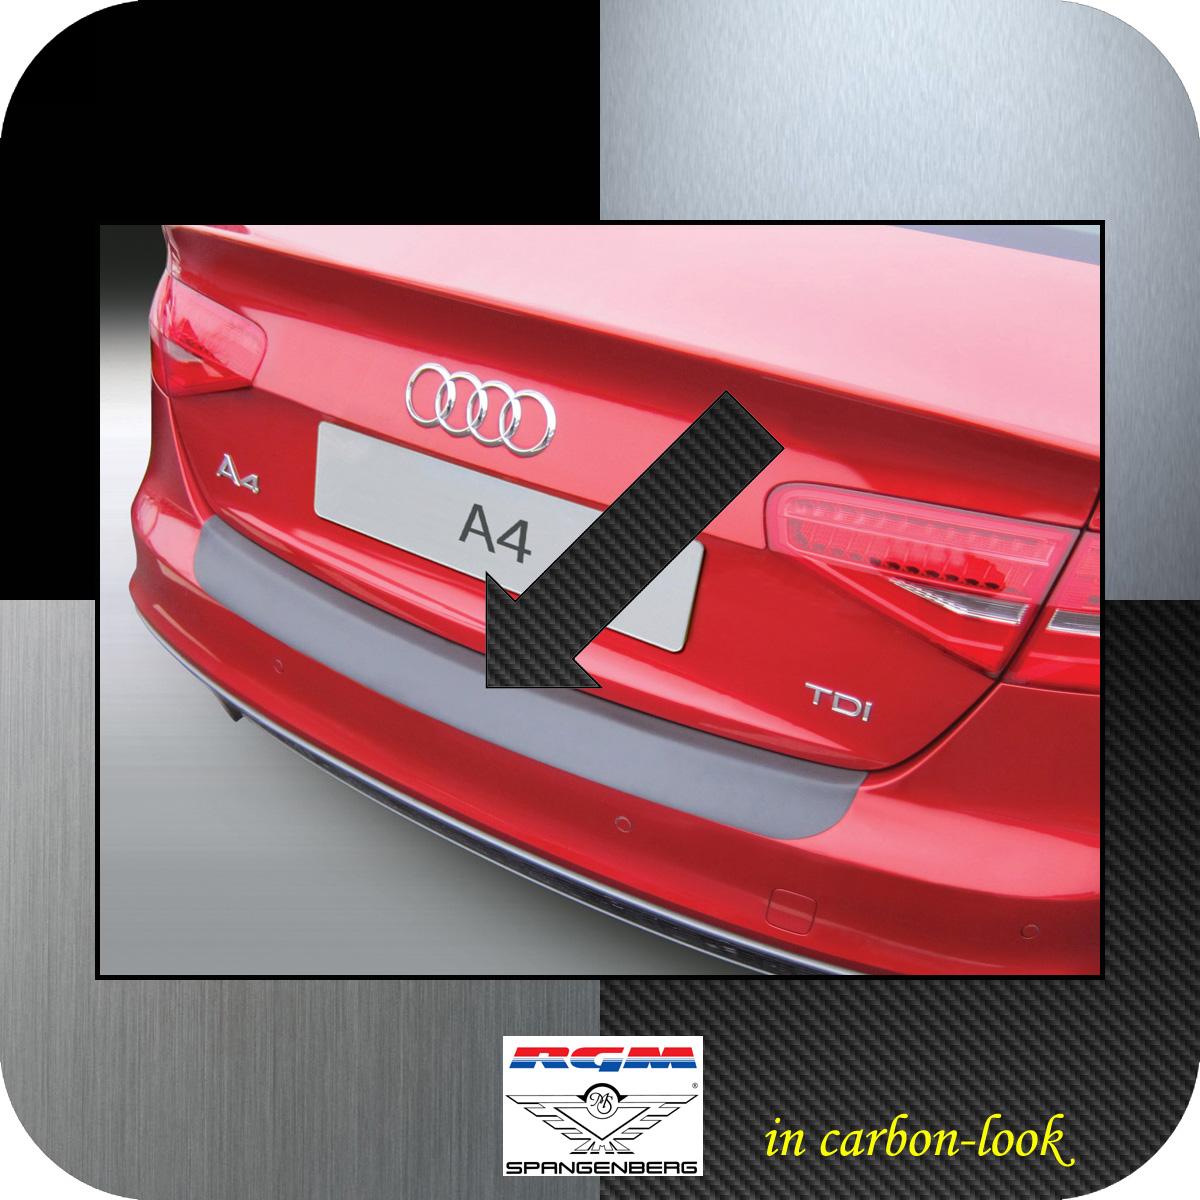 Ladekantenschutz Carbon-Look Audi A4 B8 Limousine facelift 2012-2015 3509905